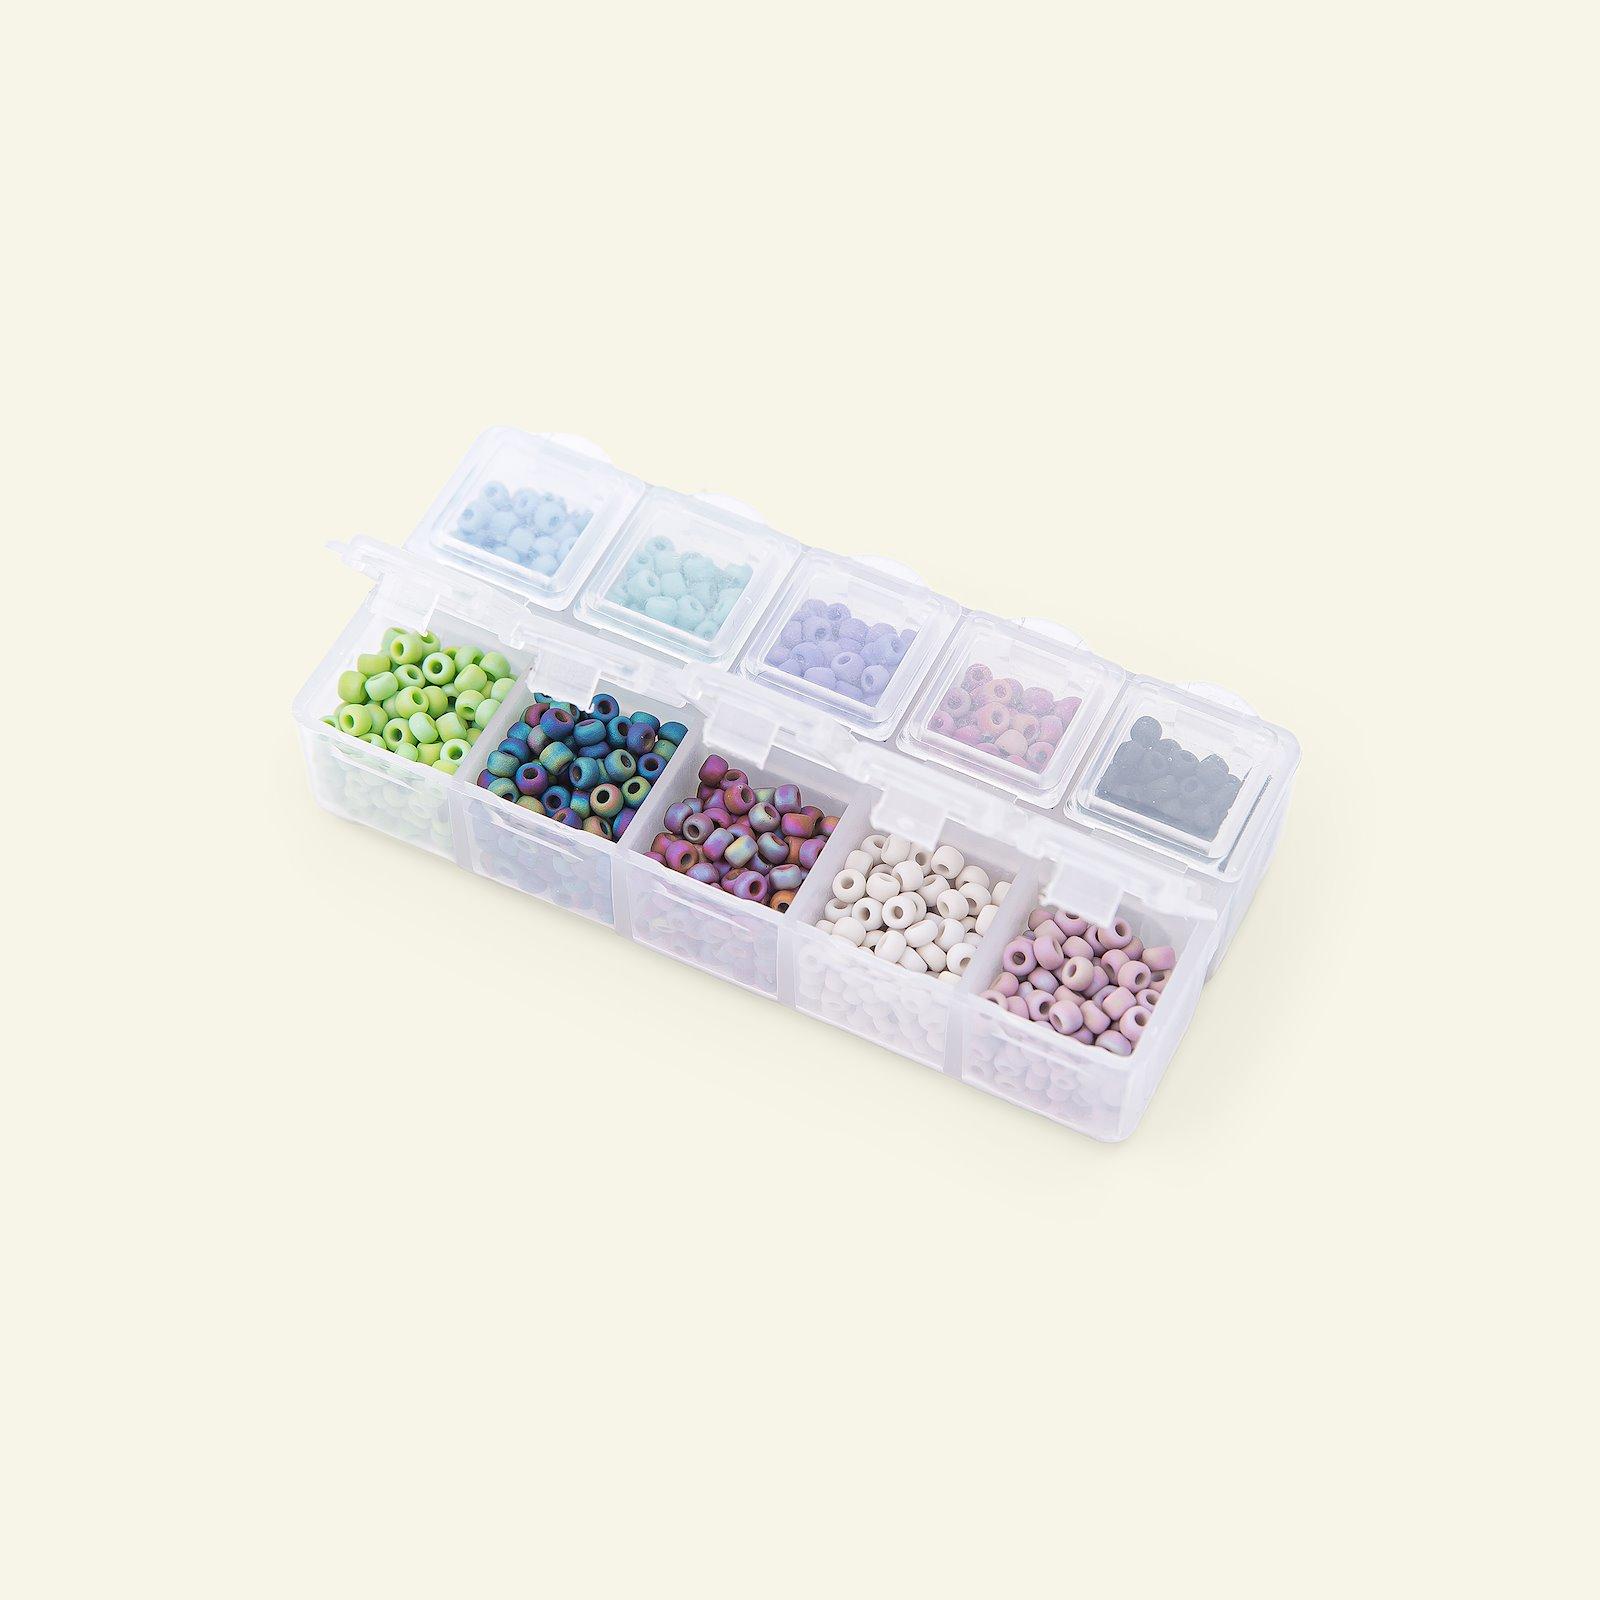 Matsuno Glasperlen rund 8/0 10farbig 40g 47197_pack_b